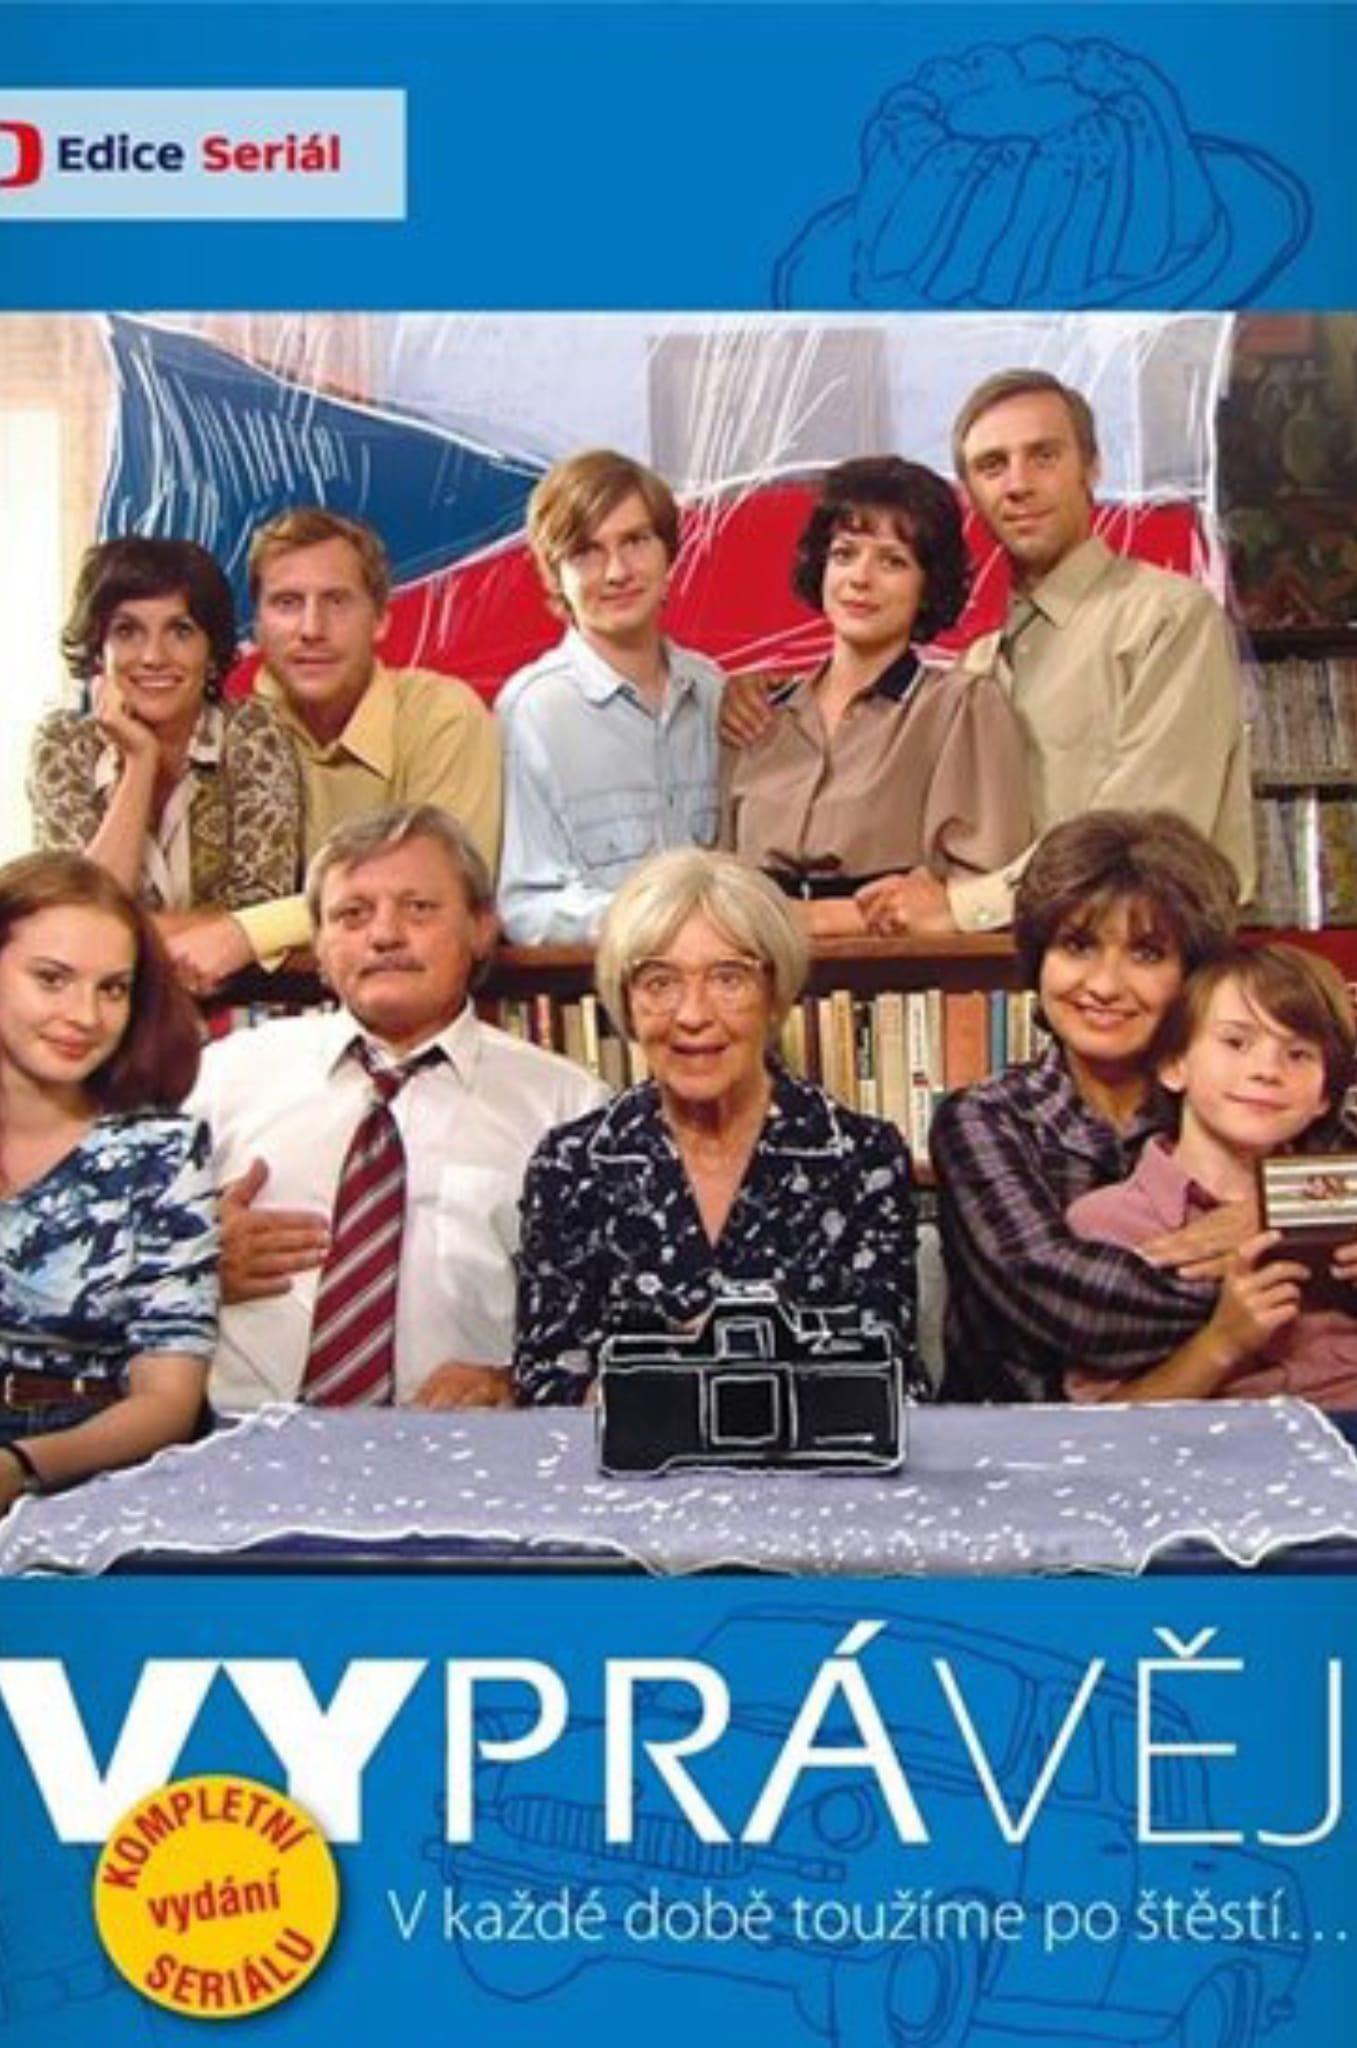 Vyprávěj TV Shows About Family Life